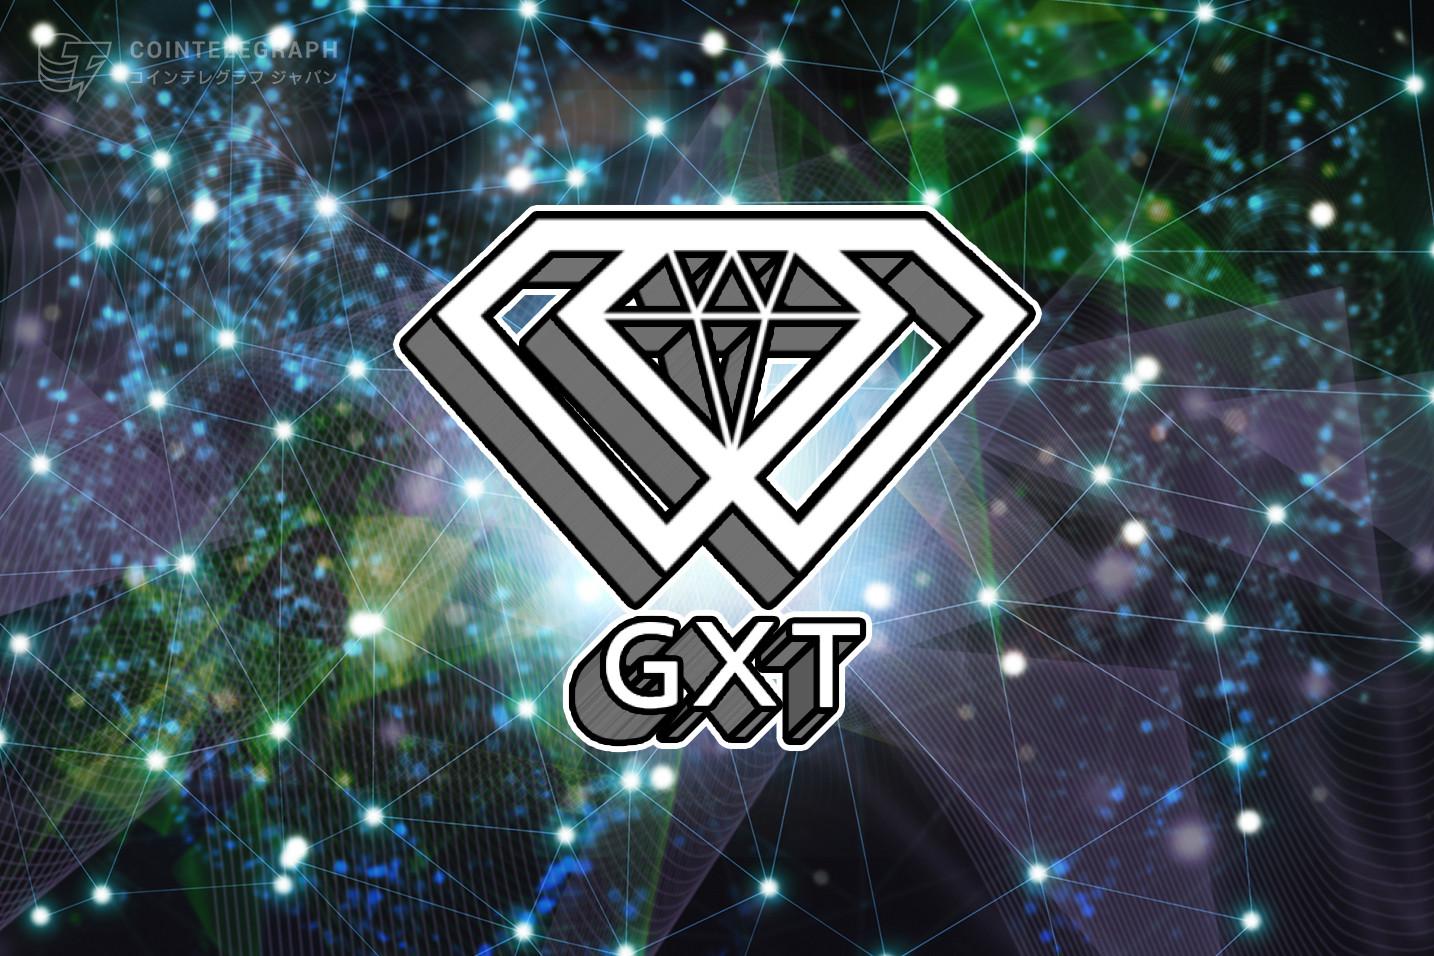 GXT TECH ダイヤモンドの流通にNFTを活用